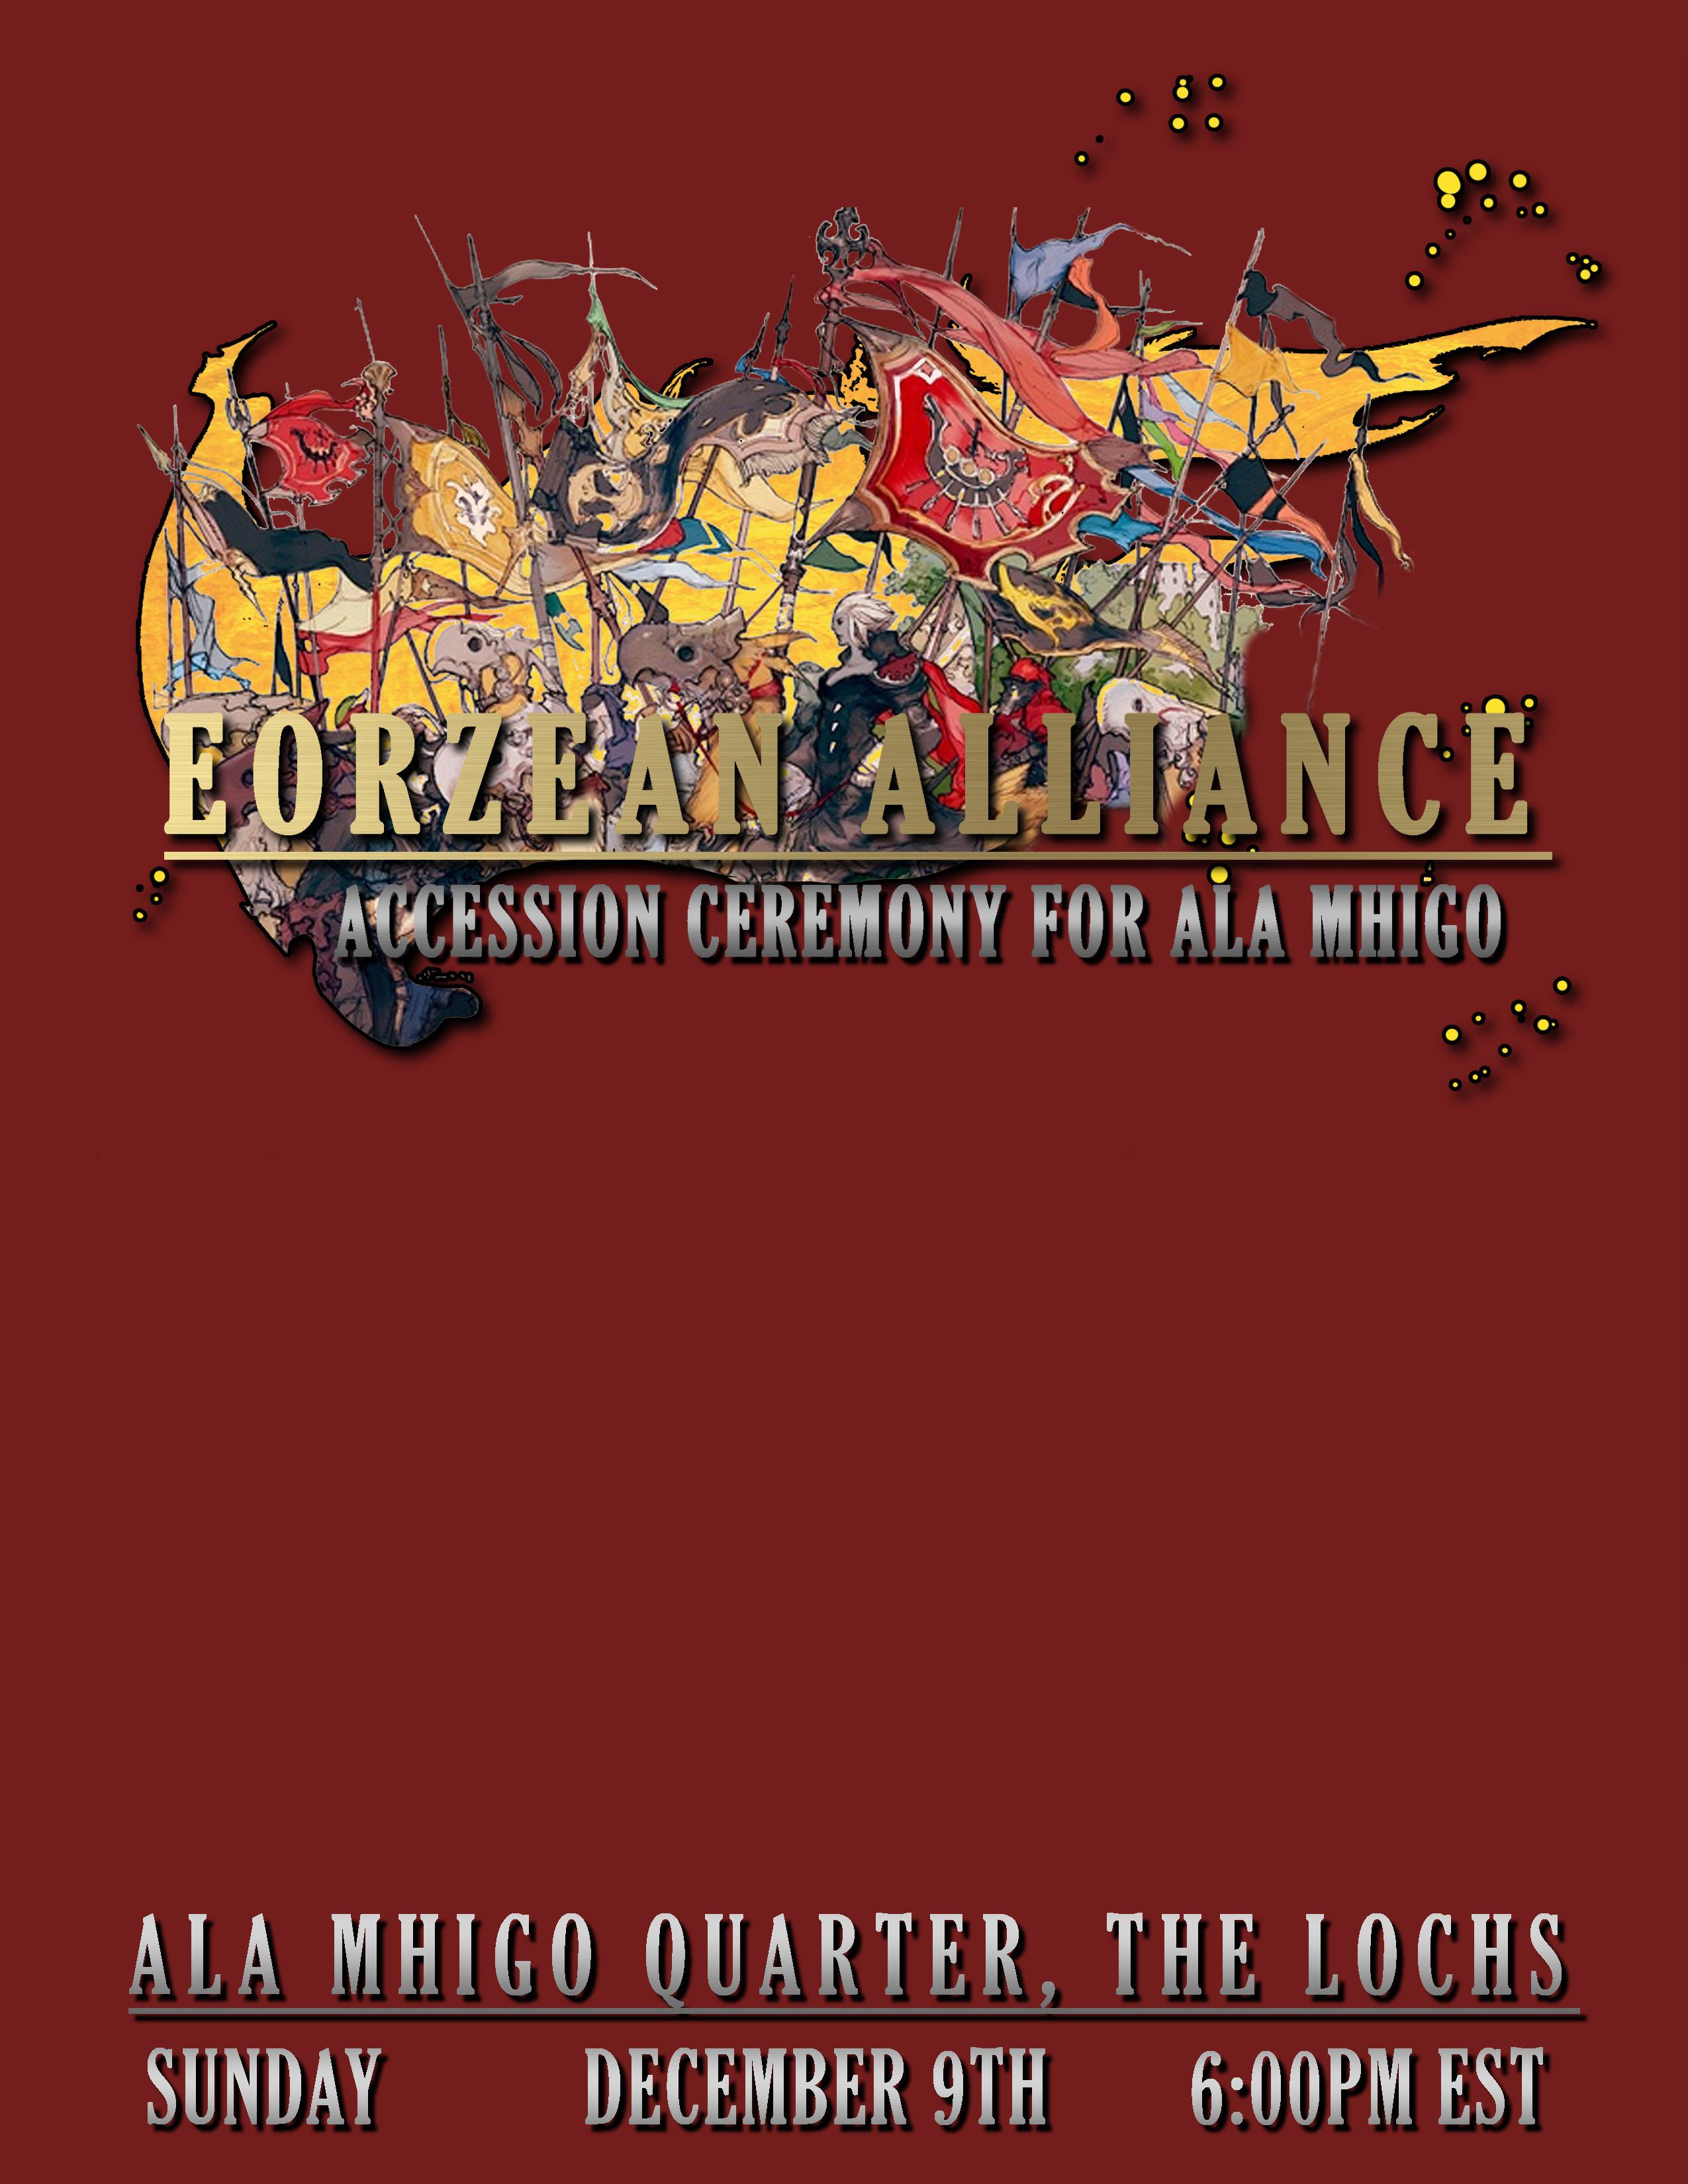 eorzean-alliance-accession-ceremony.jpg